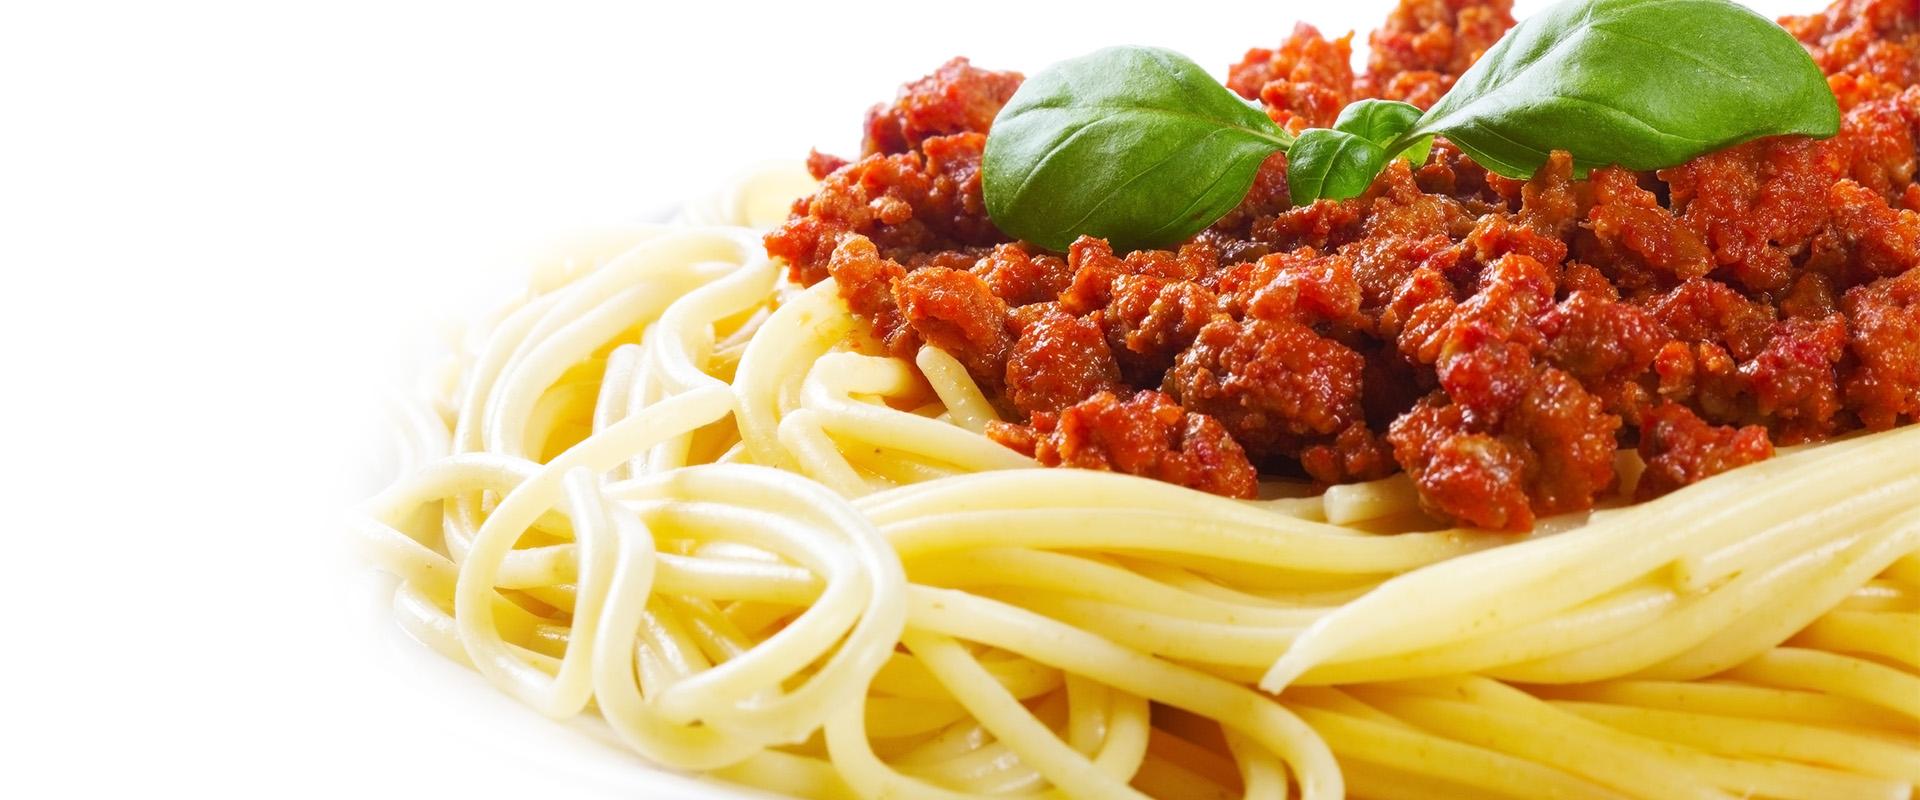 SAPORI DI MONTAGNA - Tomato and Meat Sauces